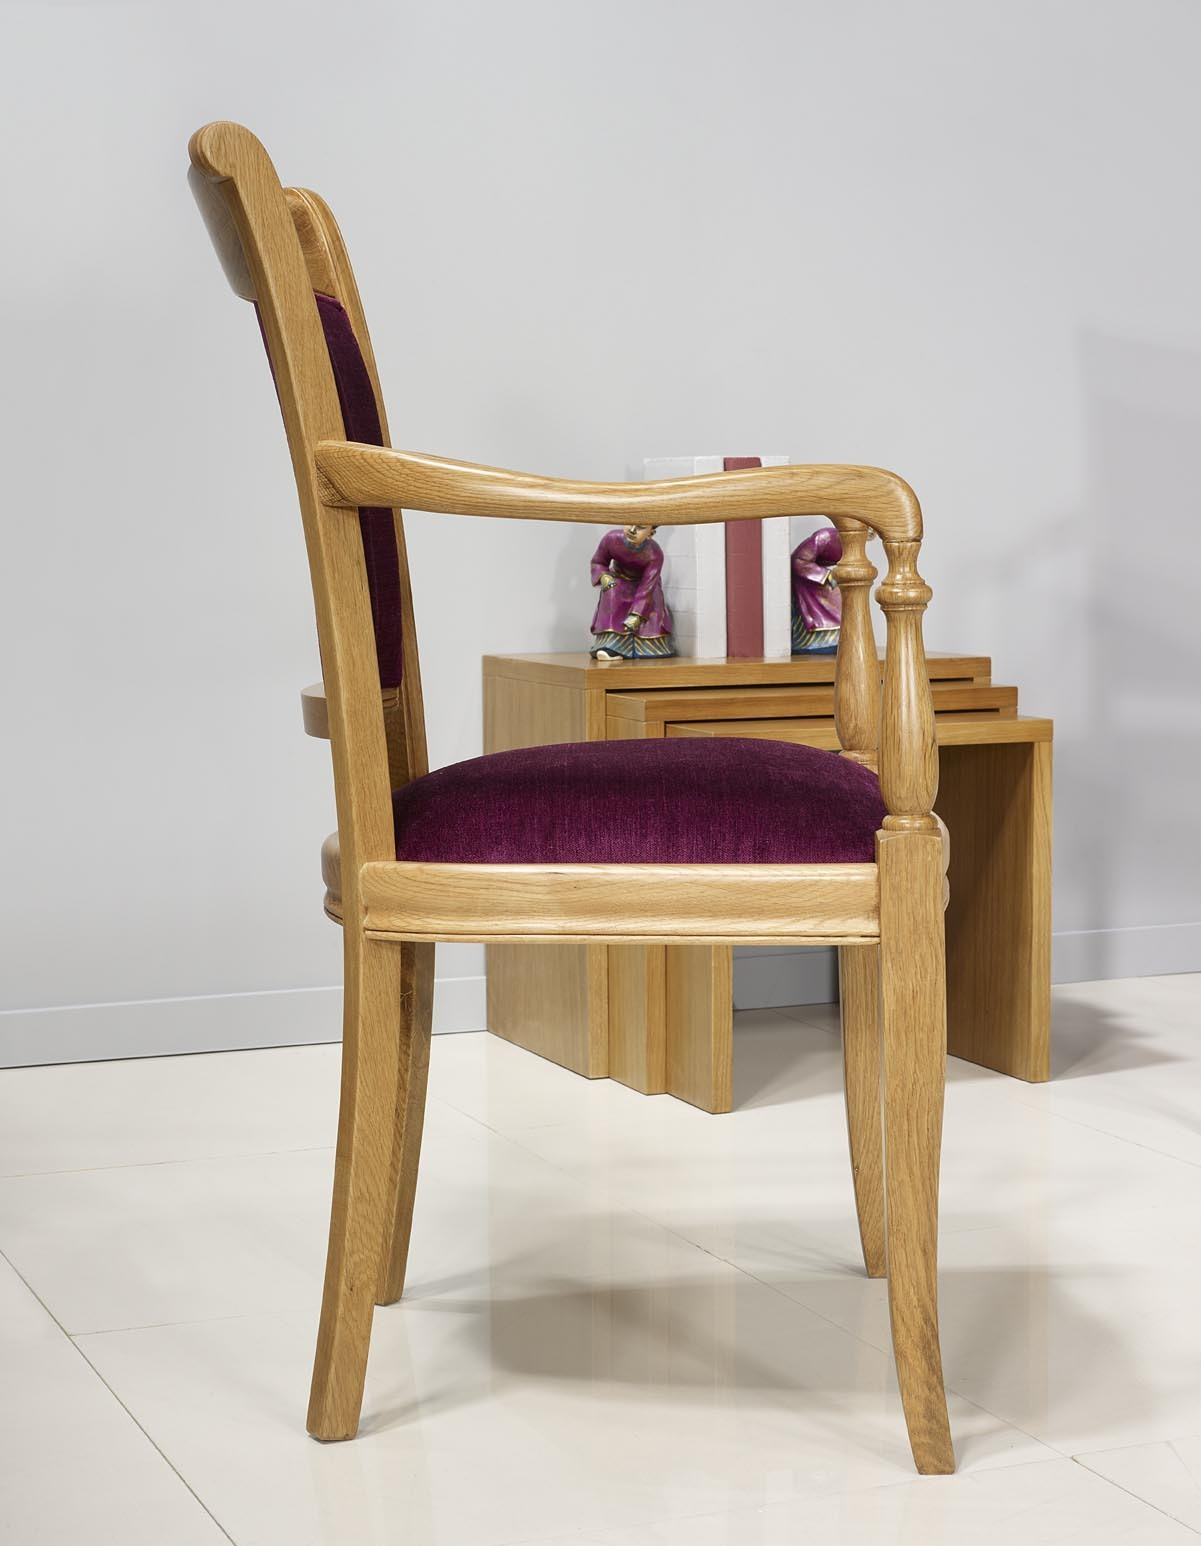 Fauteuil en Chêne Massif de style Louis Philippe , meuble en Chêne